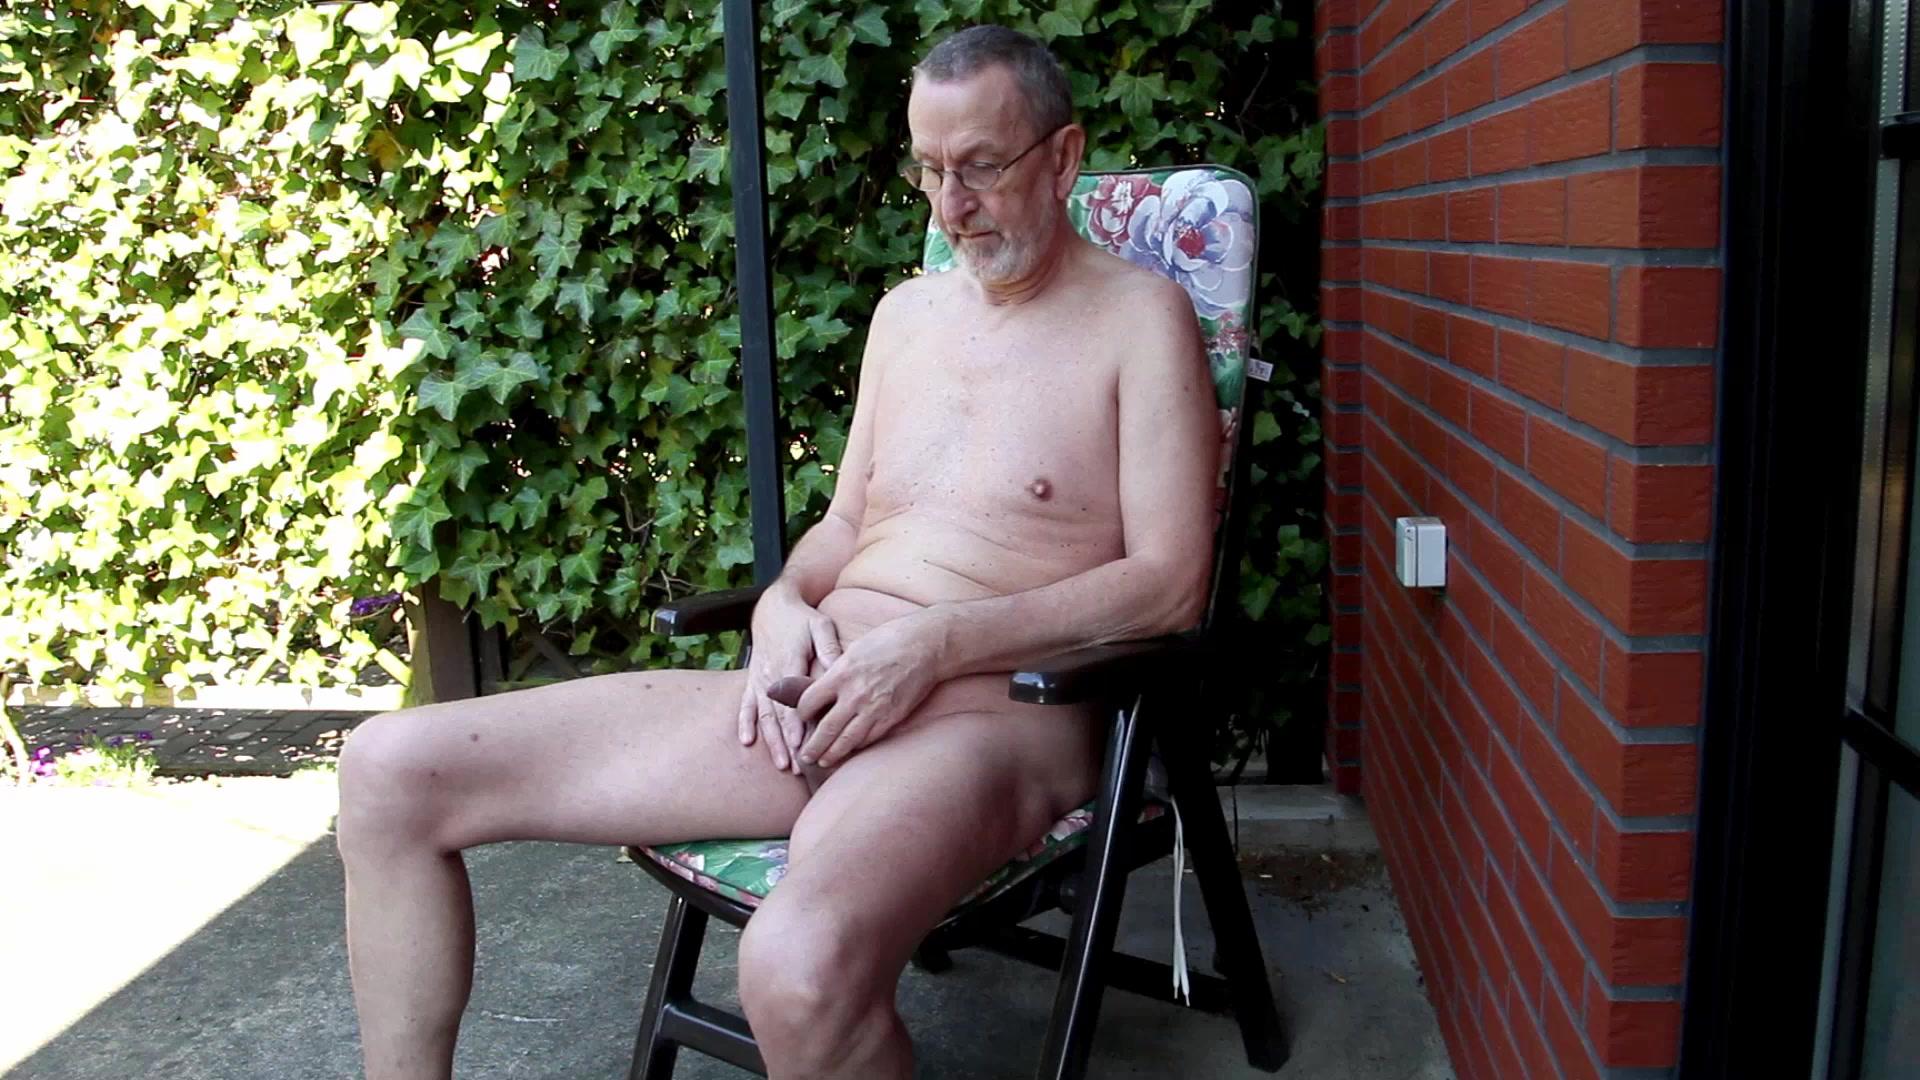 Nackedei wichst 012 Sex sleep video free